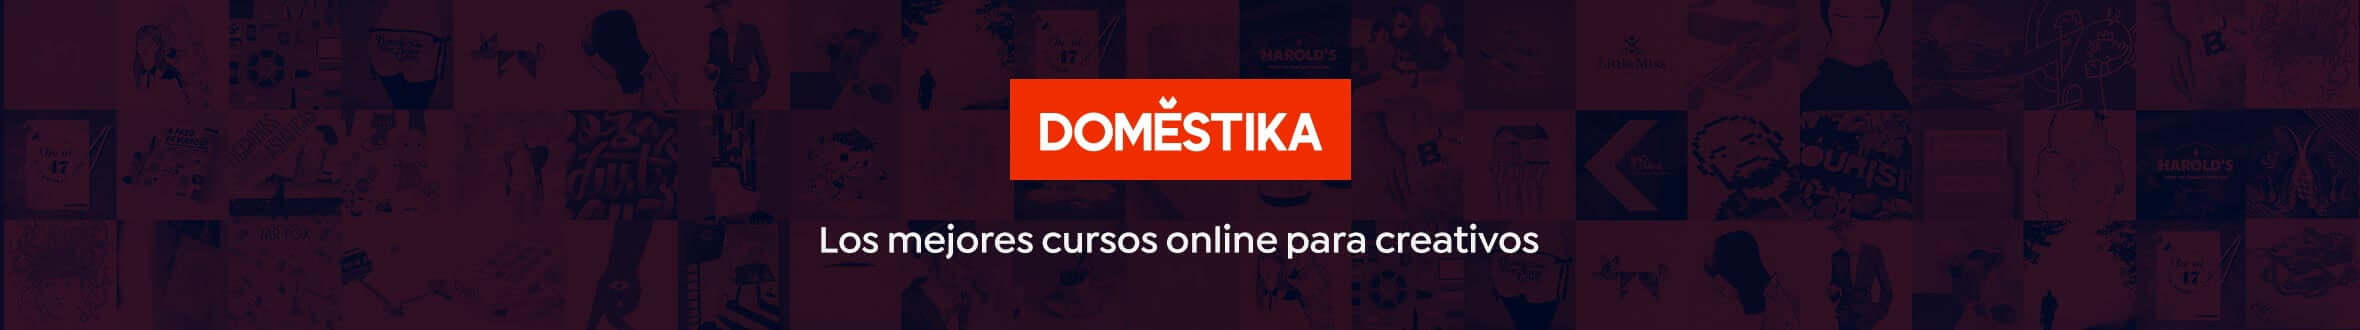 Banner cursos de diseño grágico y cursos de fotografía Domestika